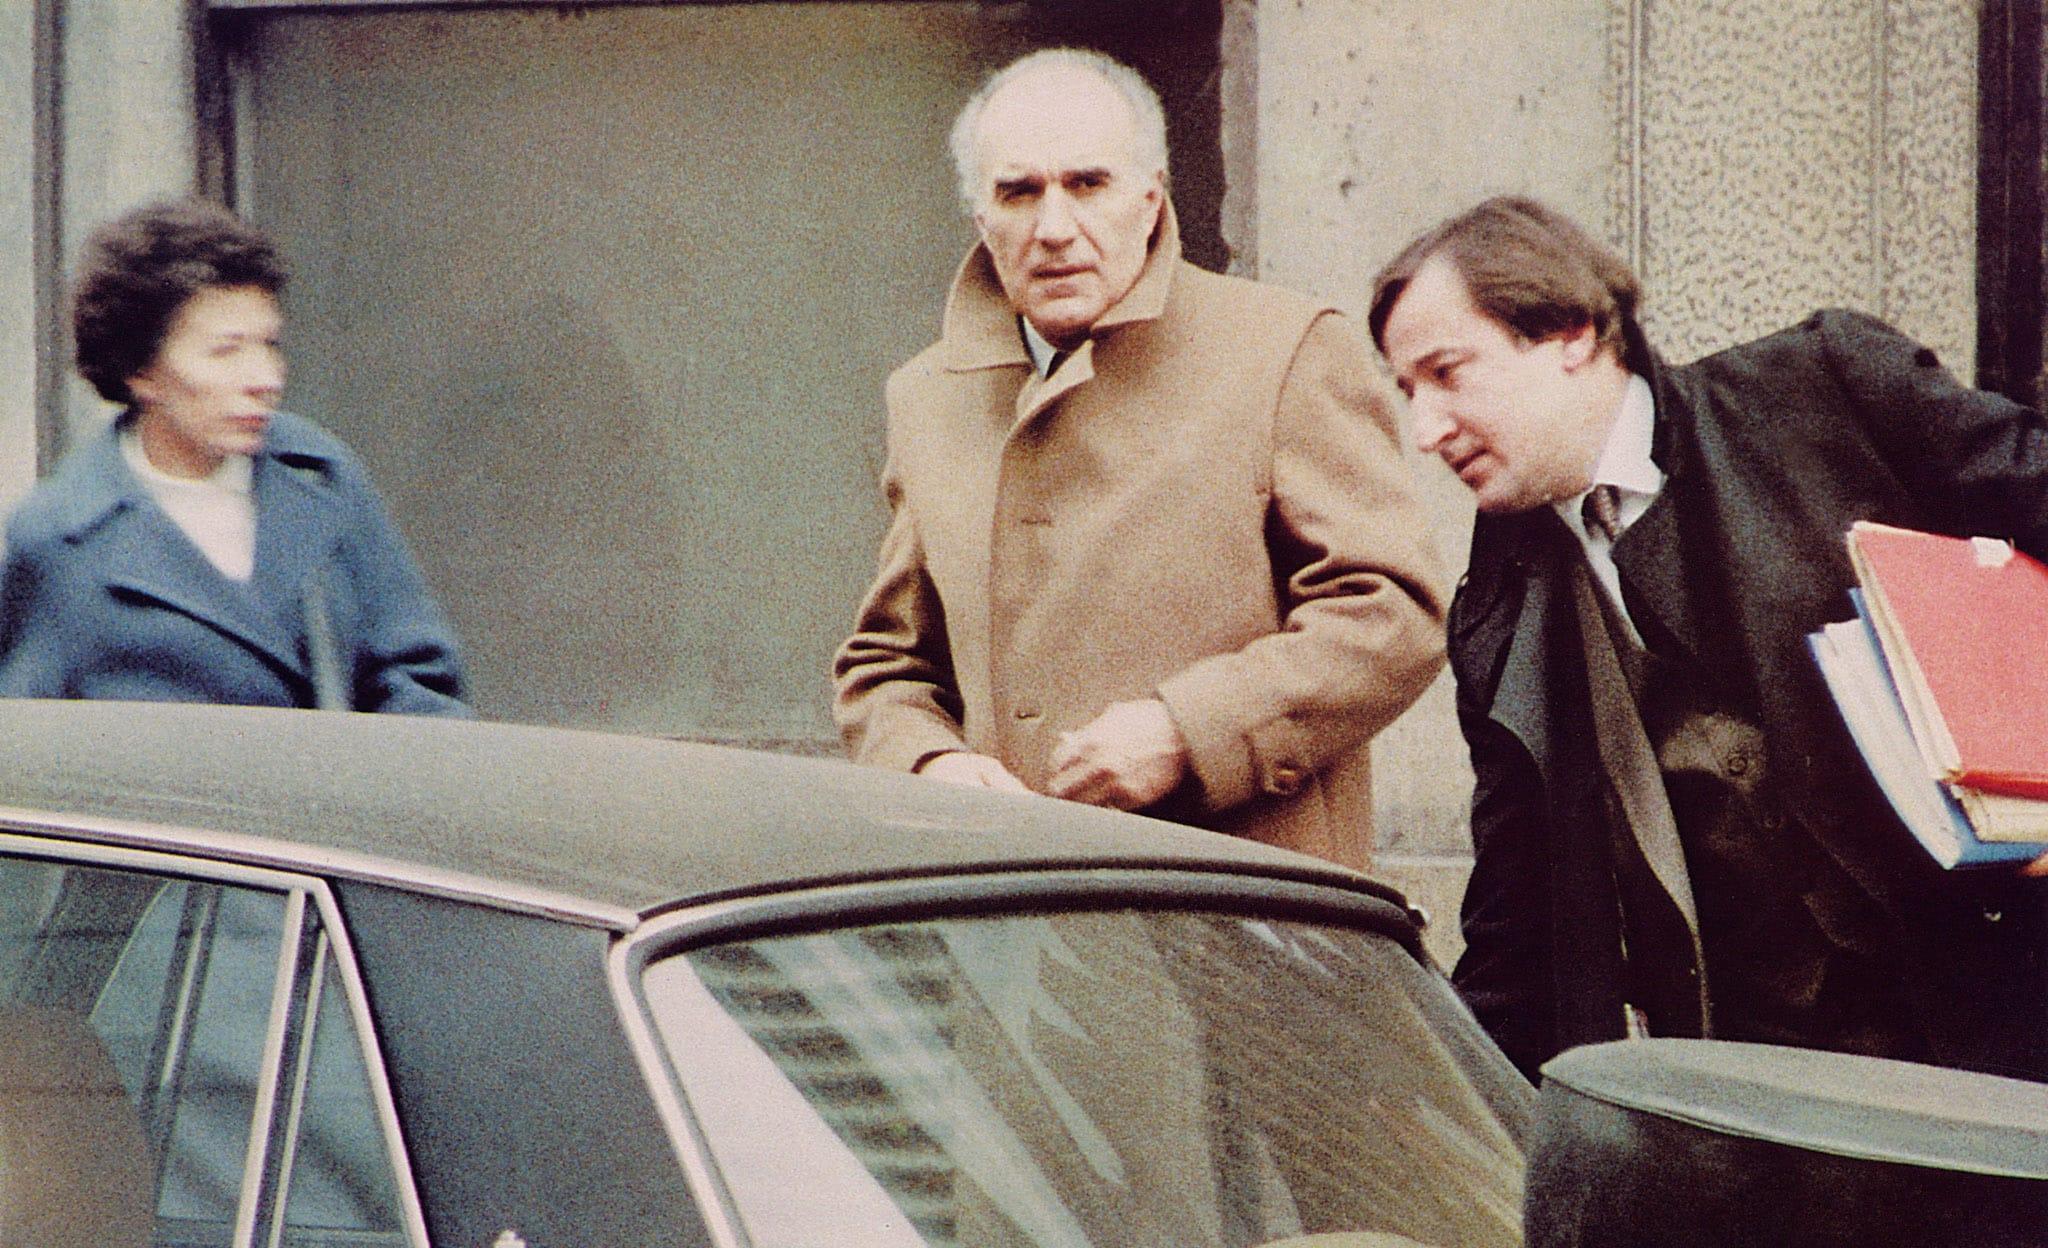 Une étrange affaire de Pierre Granier-Deferre image film cinéma